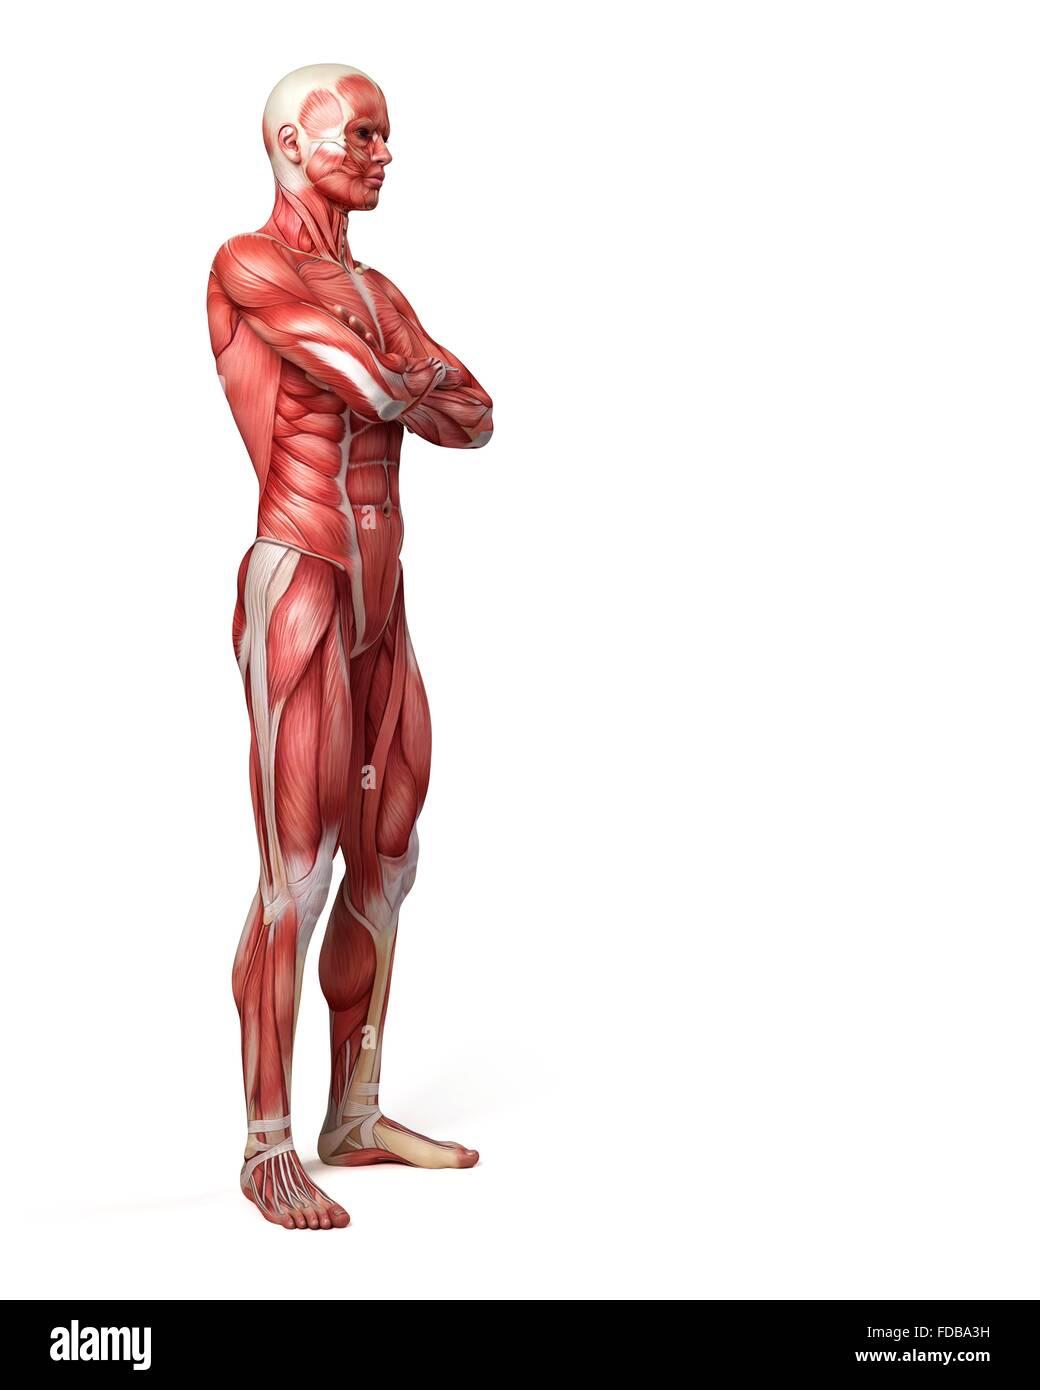 Fein Human Anatomy Arms Ideen - Menschliche Anatomie Bilder ...